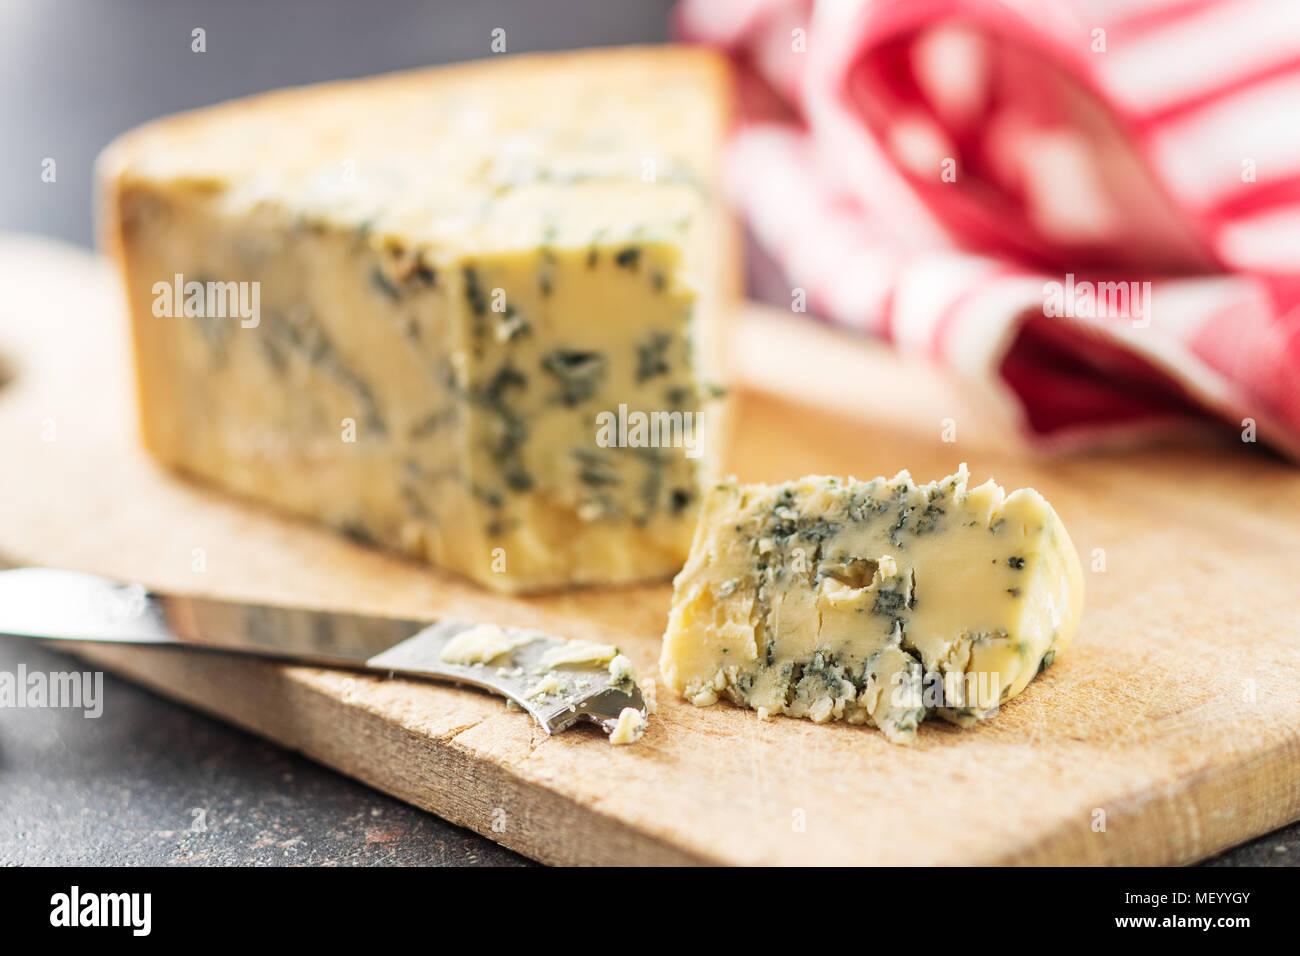 Délicieux fromage bleu sur une planche à découper. Photo Stock